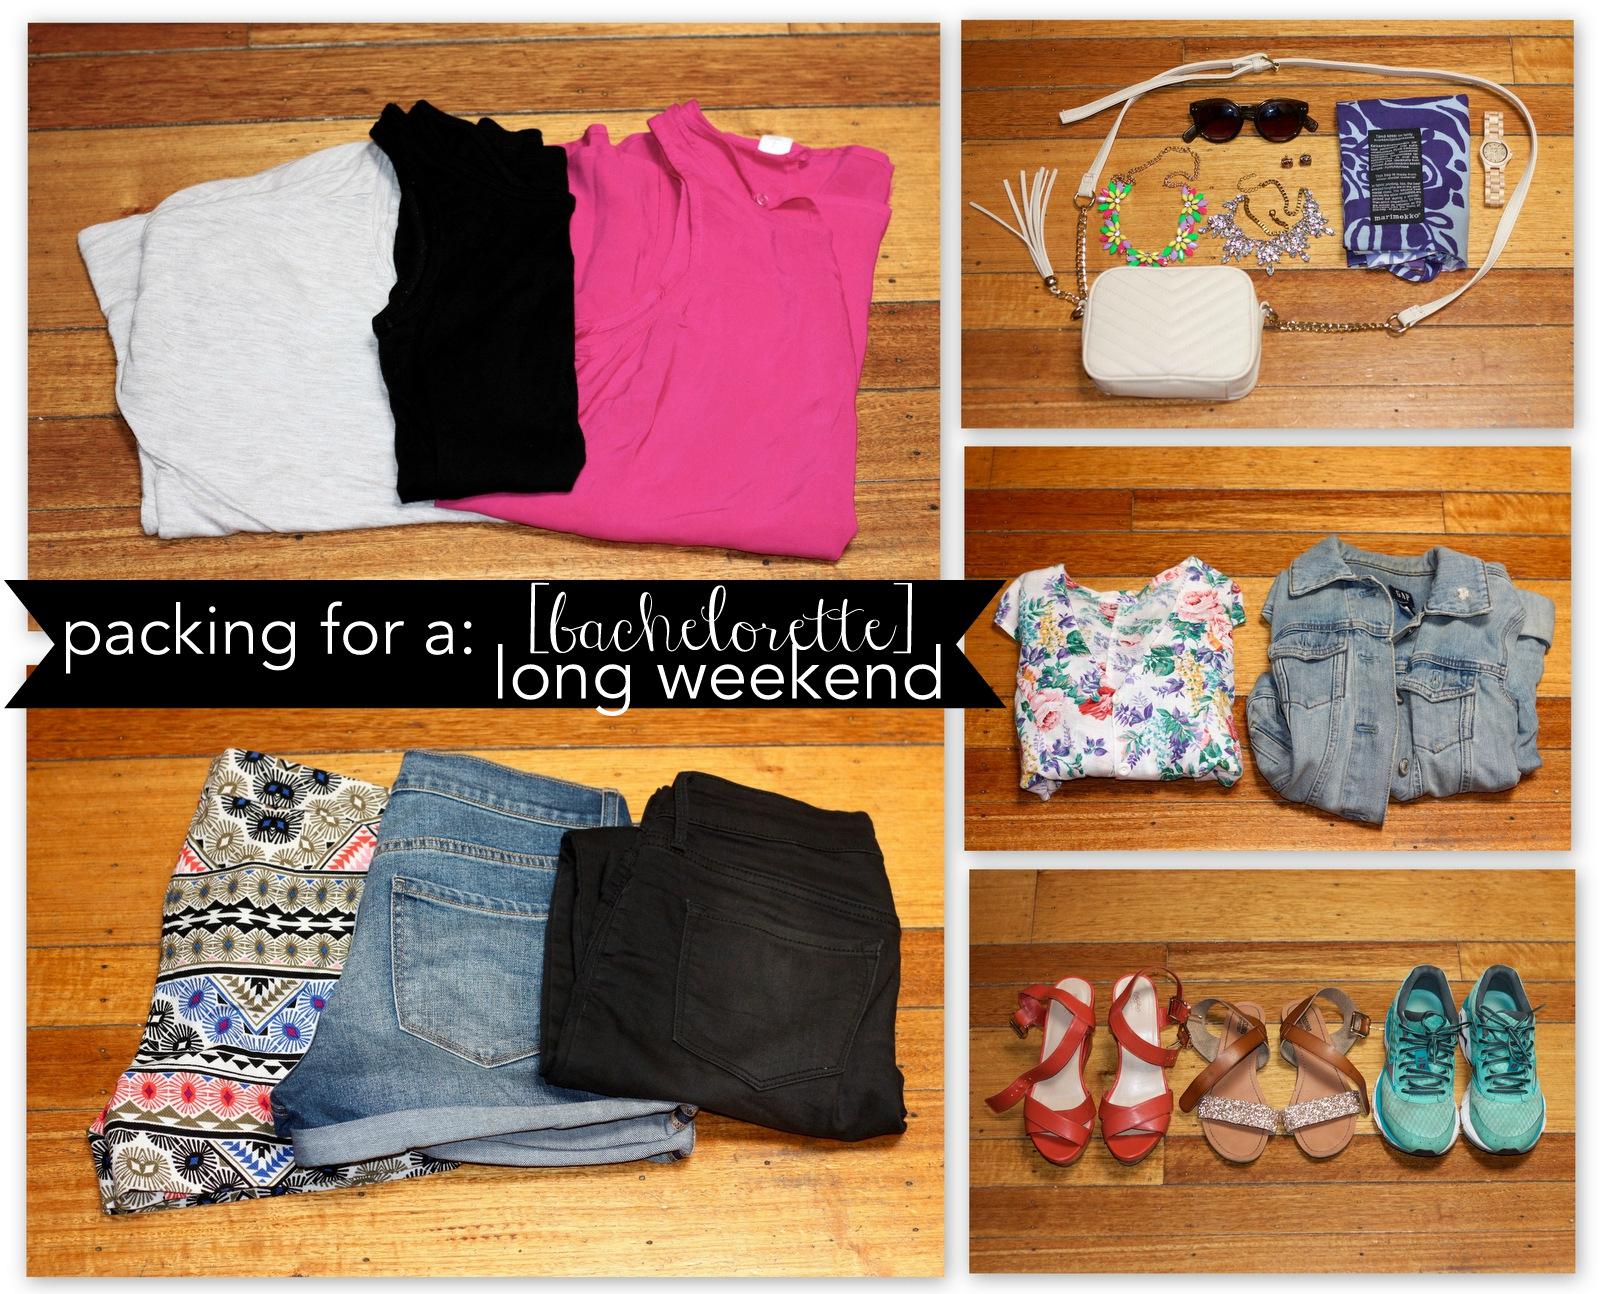 bachweekendpacking1